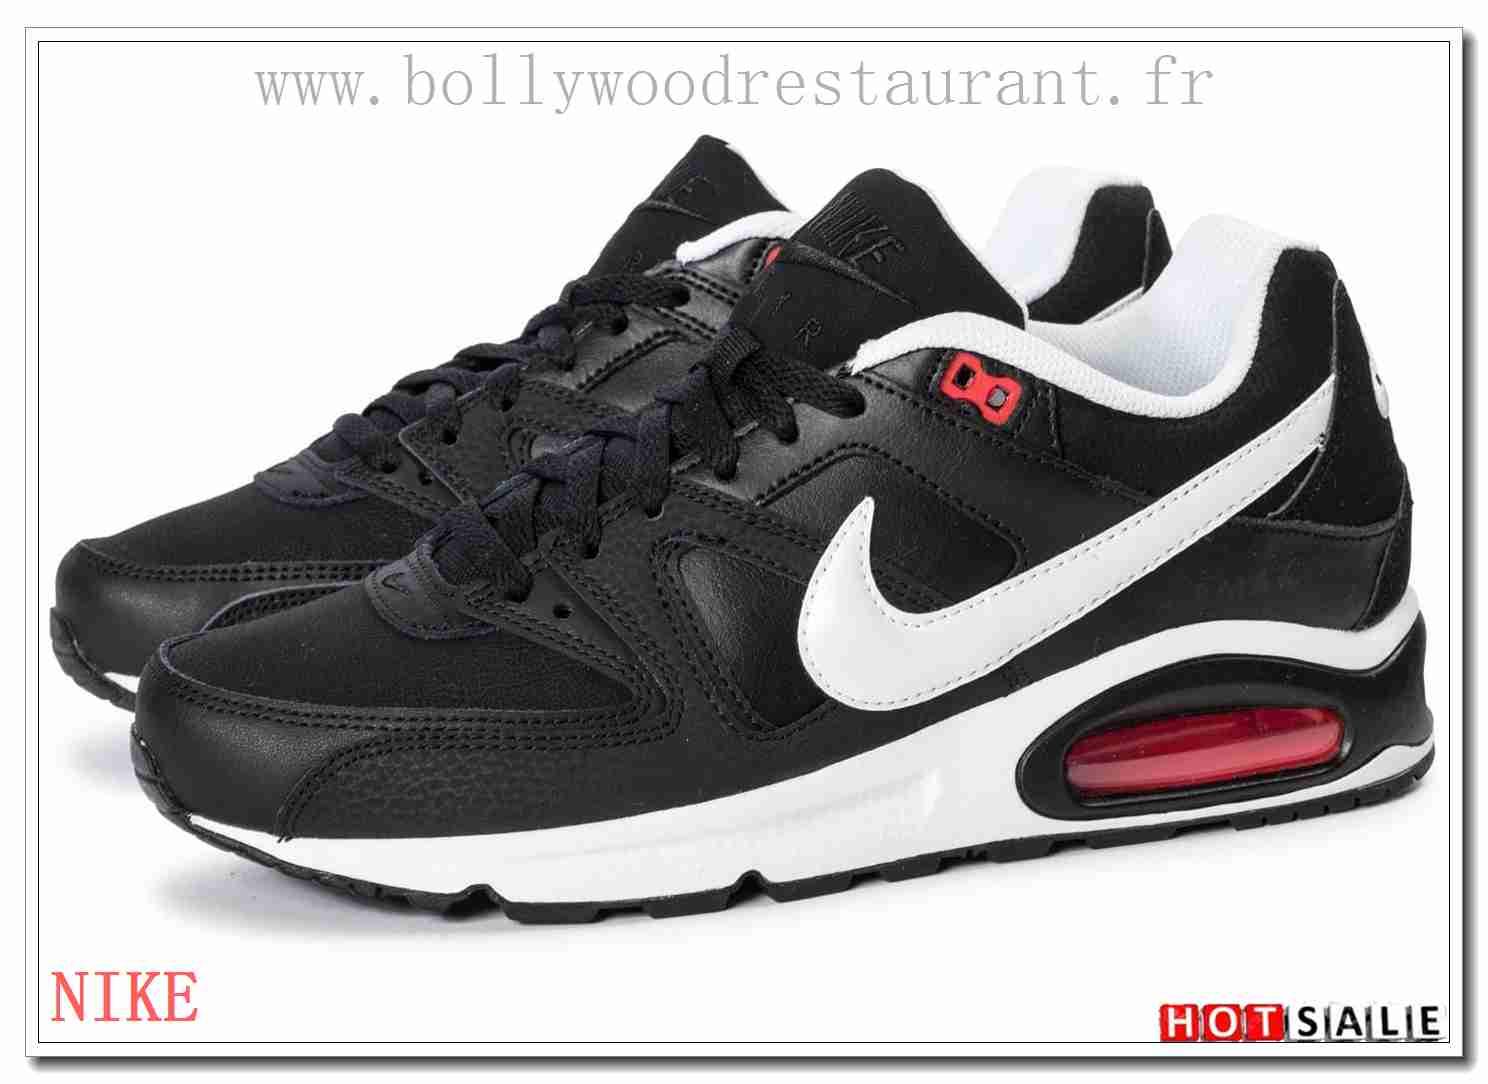 reputable site 7e8ef 8f2ef RS2552 De Haute Qualité 2018 Nouveau style Nike Air Max Command - Homme  Chaussures - Promotions Vente - H.K.Y. 302 - Taille   40~44